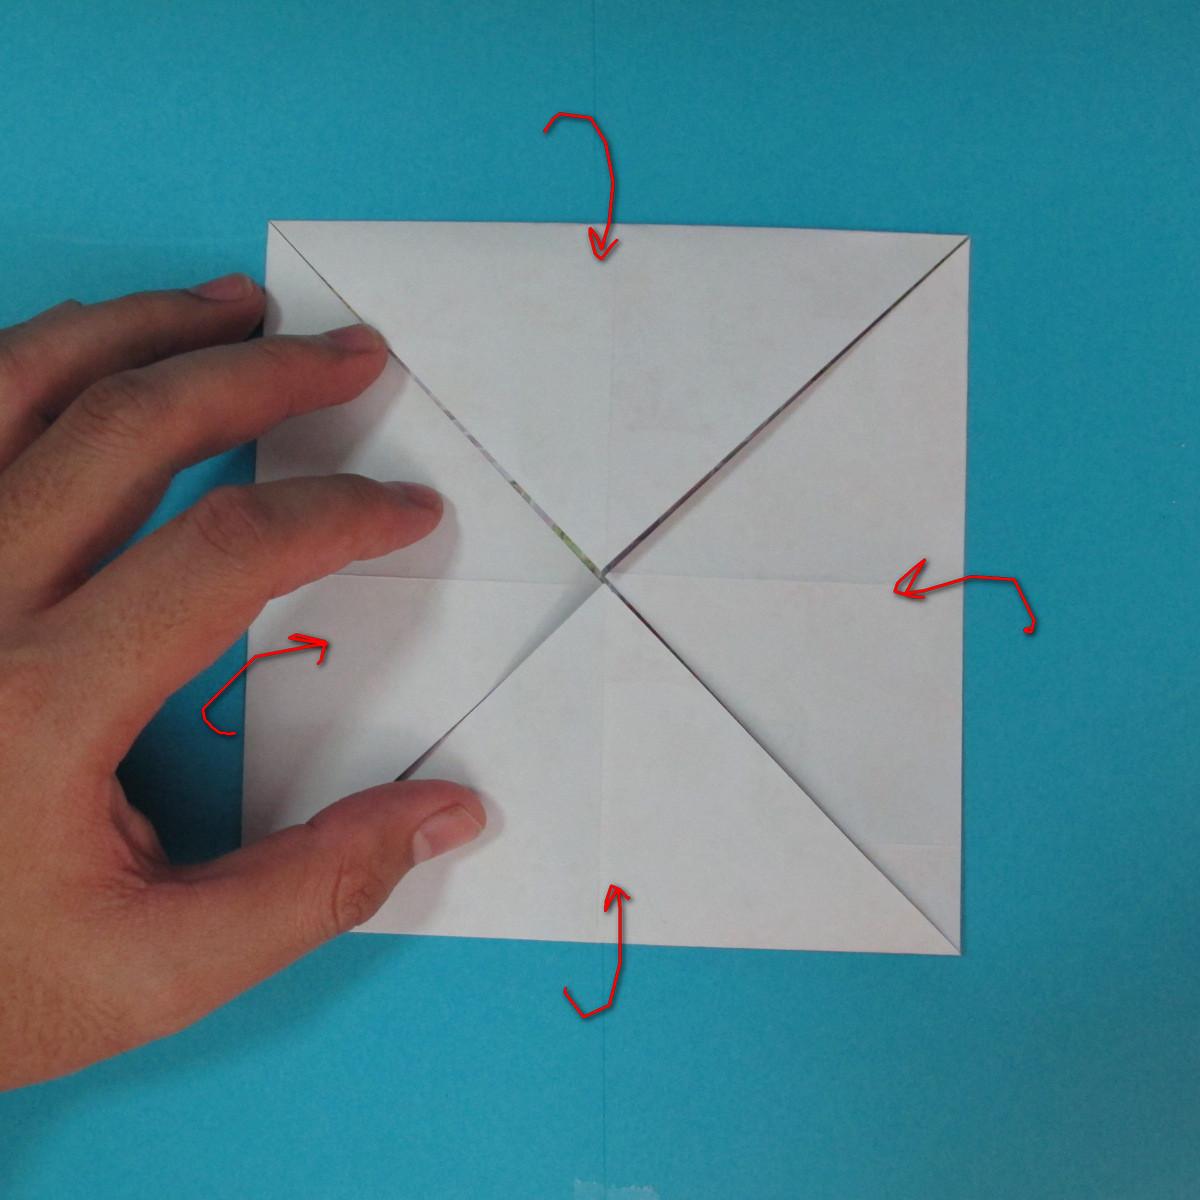 สอนวิธีพับกระดาษเป็นช้าง (แบบของ Fumiaki Kawahata) 010